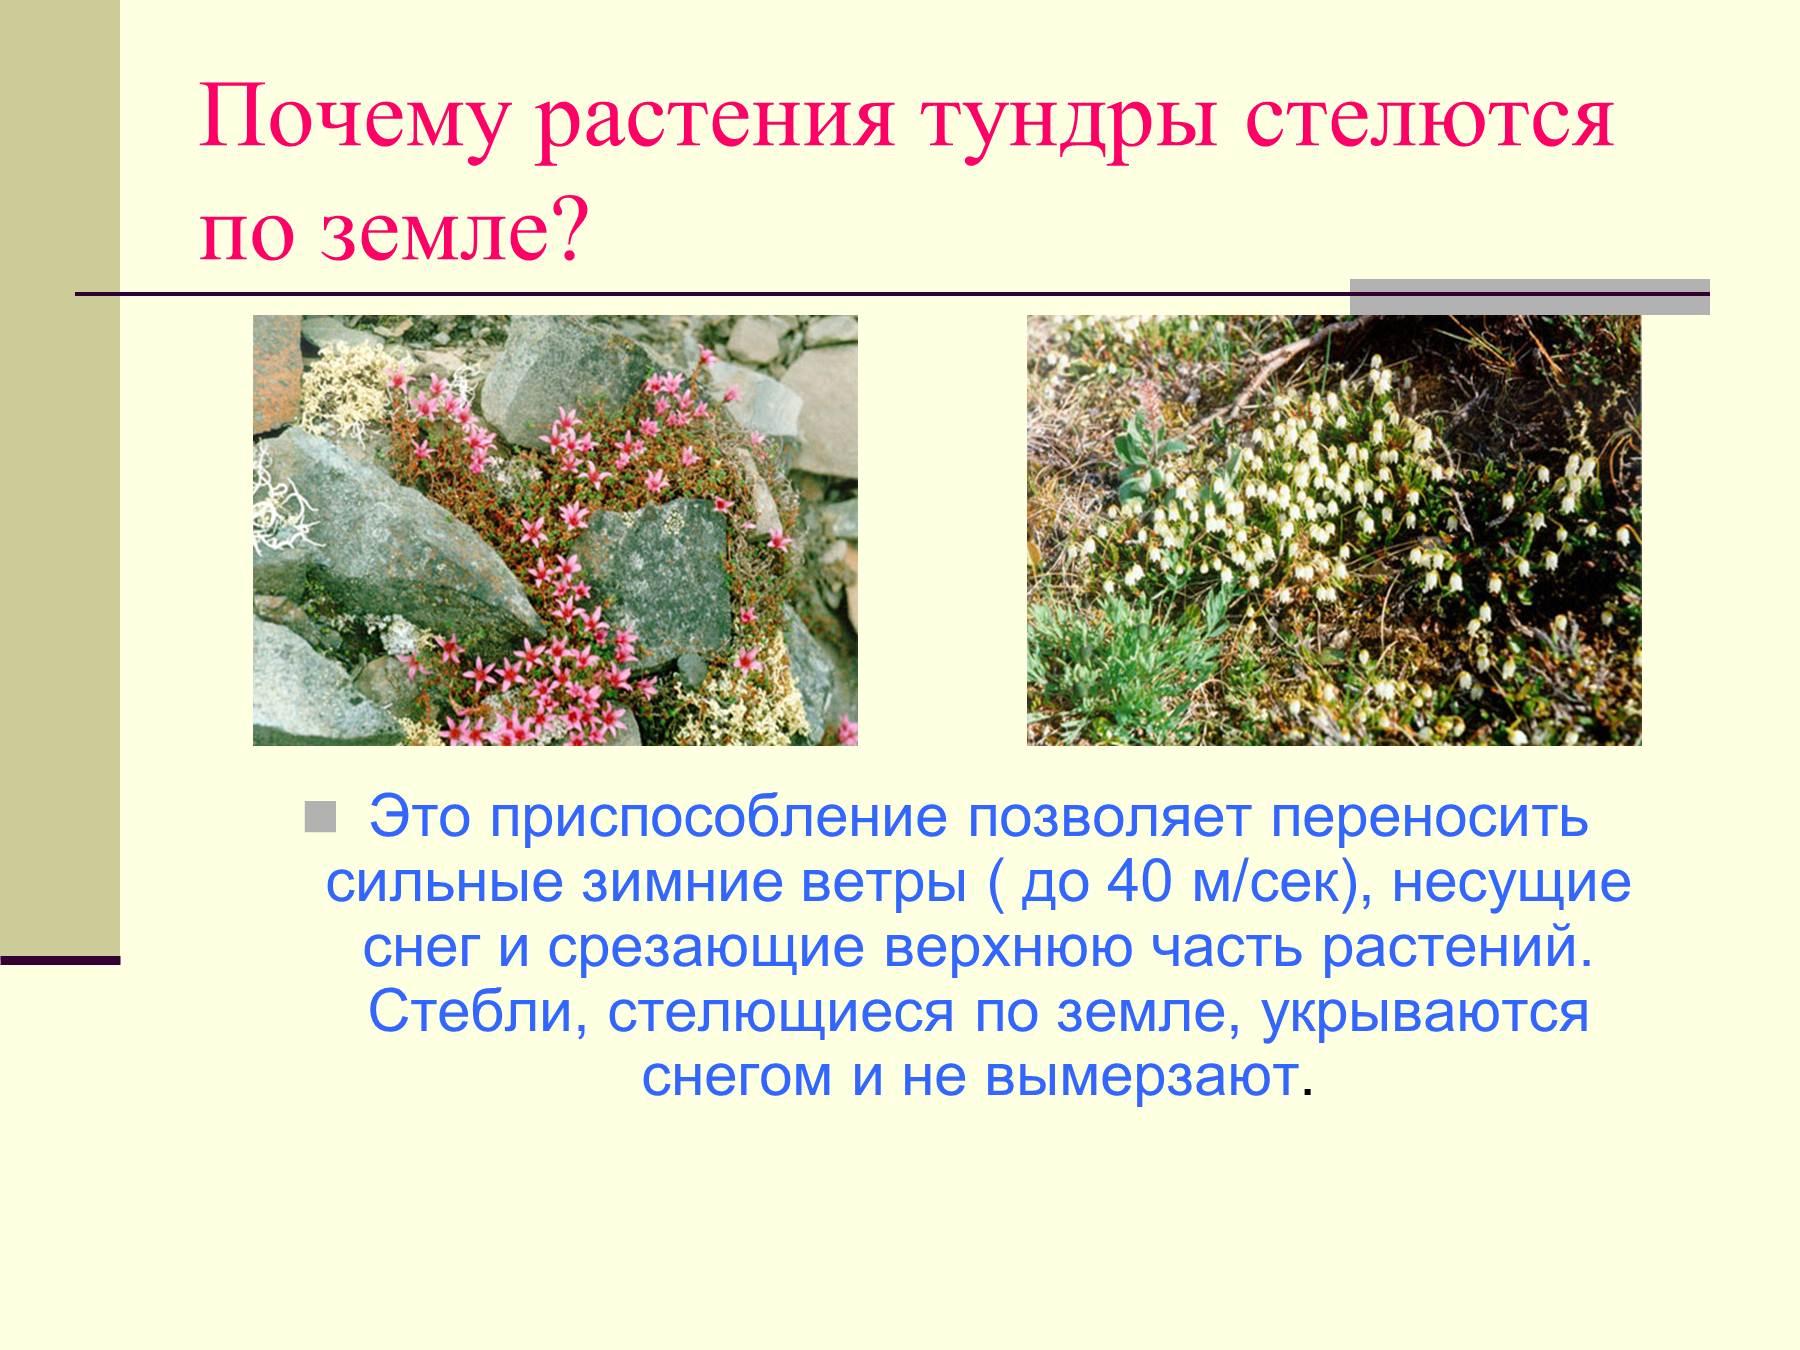 Растения тундры фотографии надписями 7